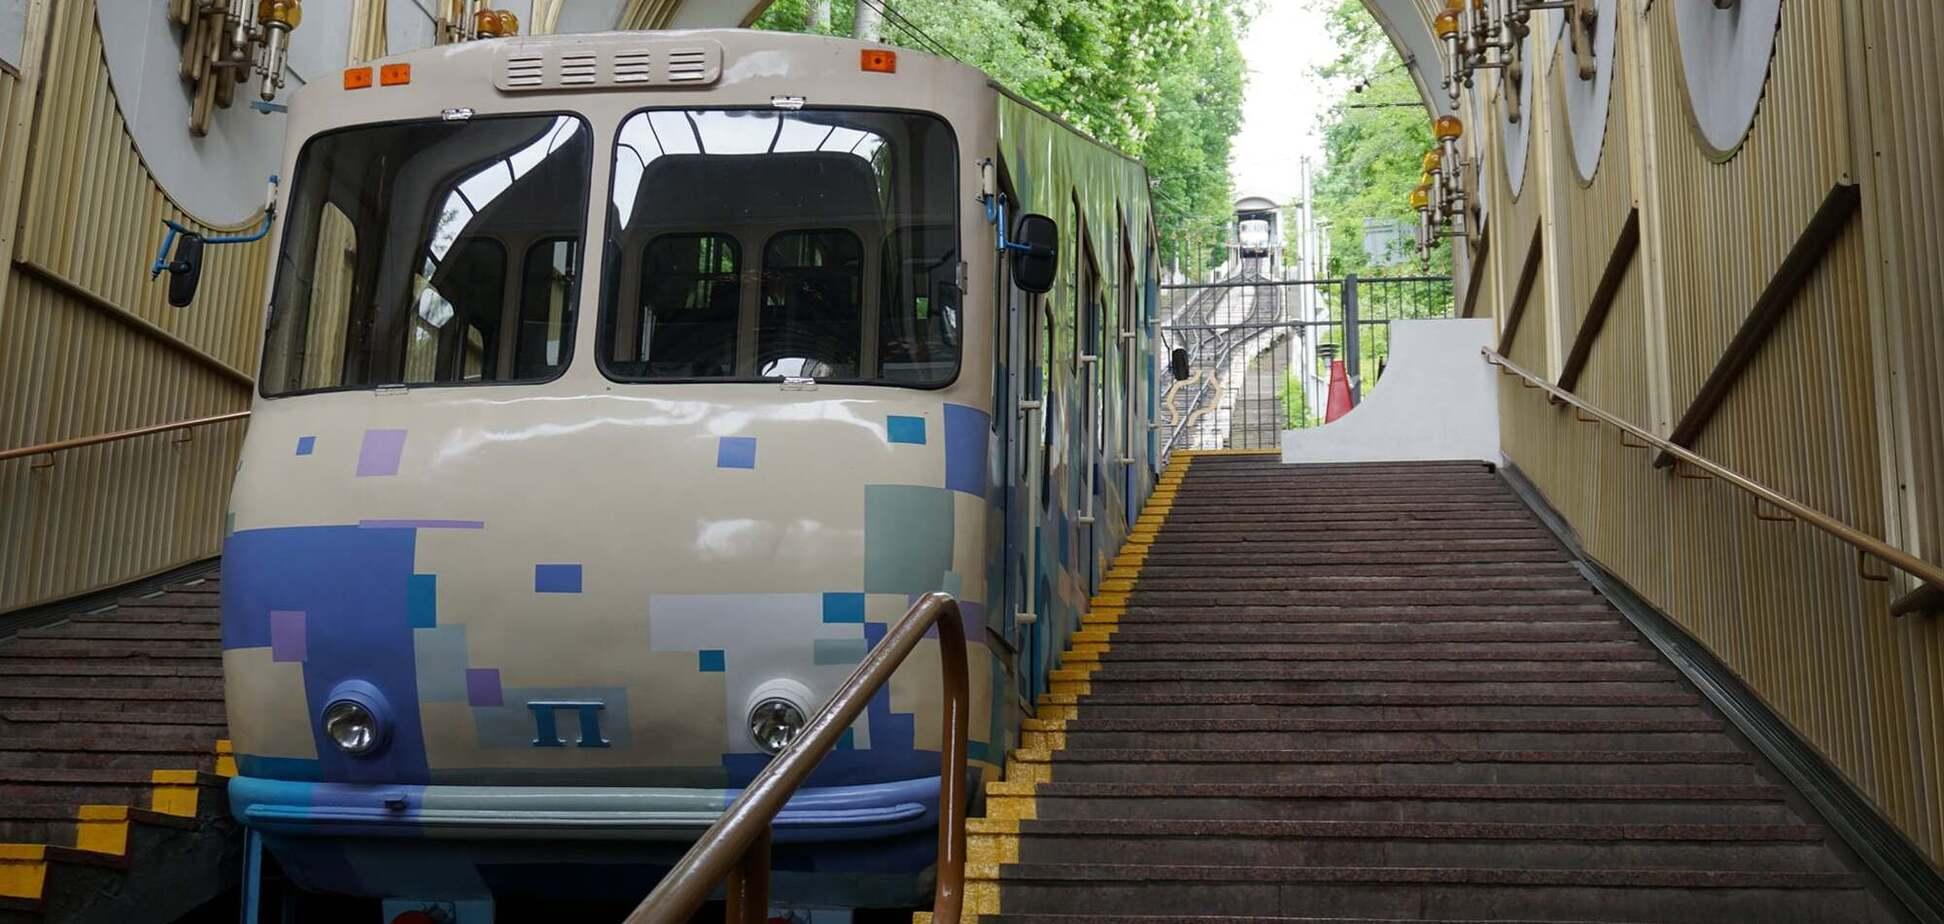 Громадський транспорт відновить роботу наприкінці серпня